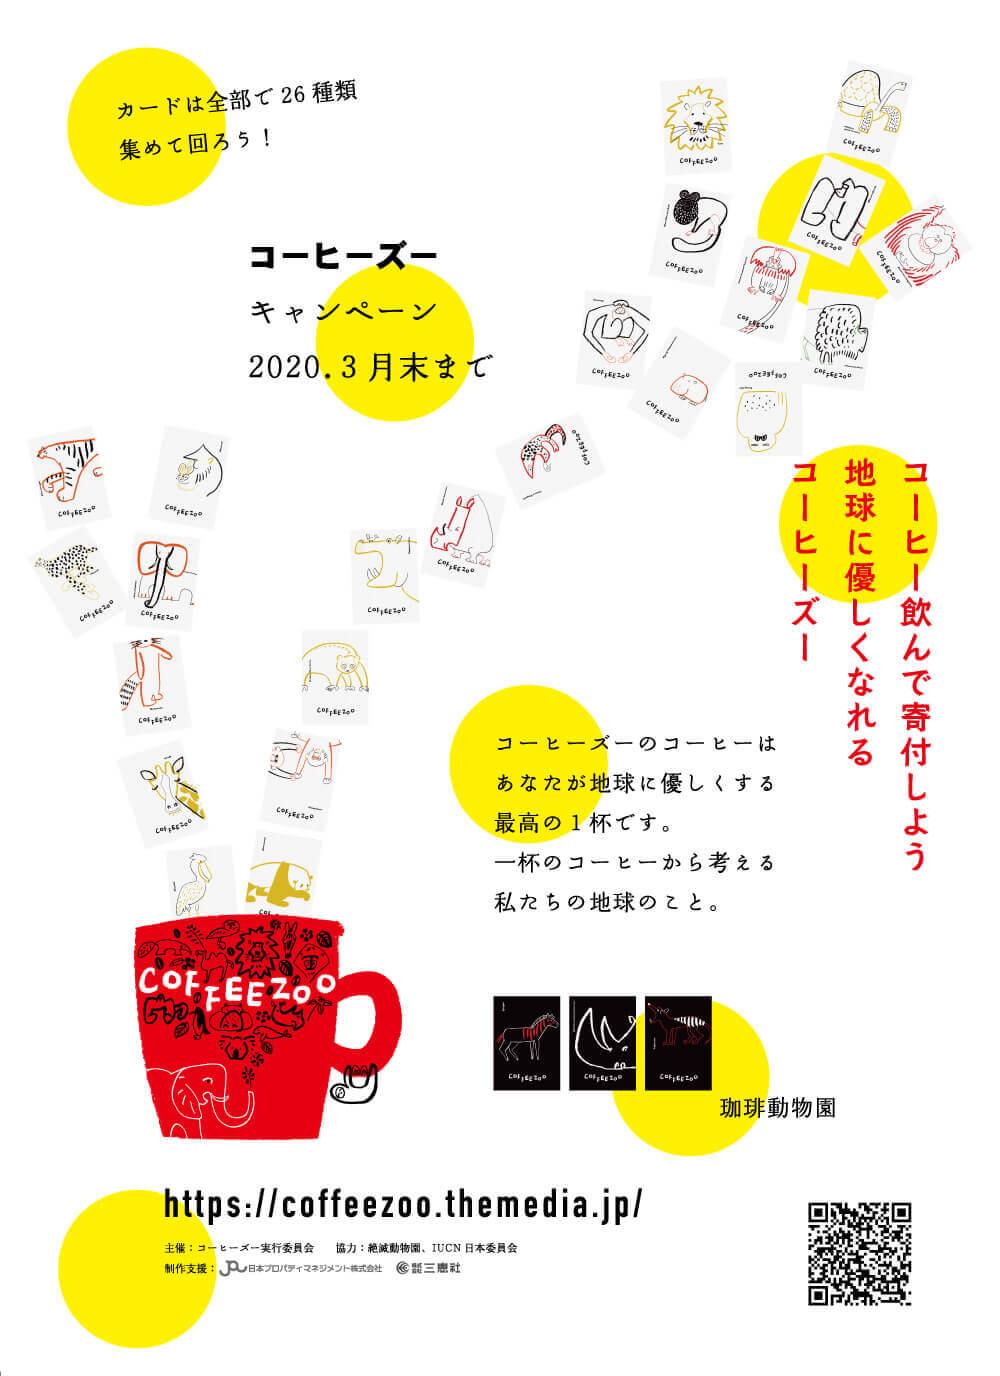 コーヒーズーイメージ